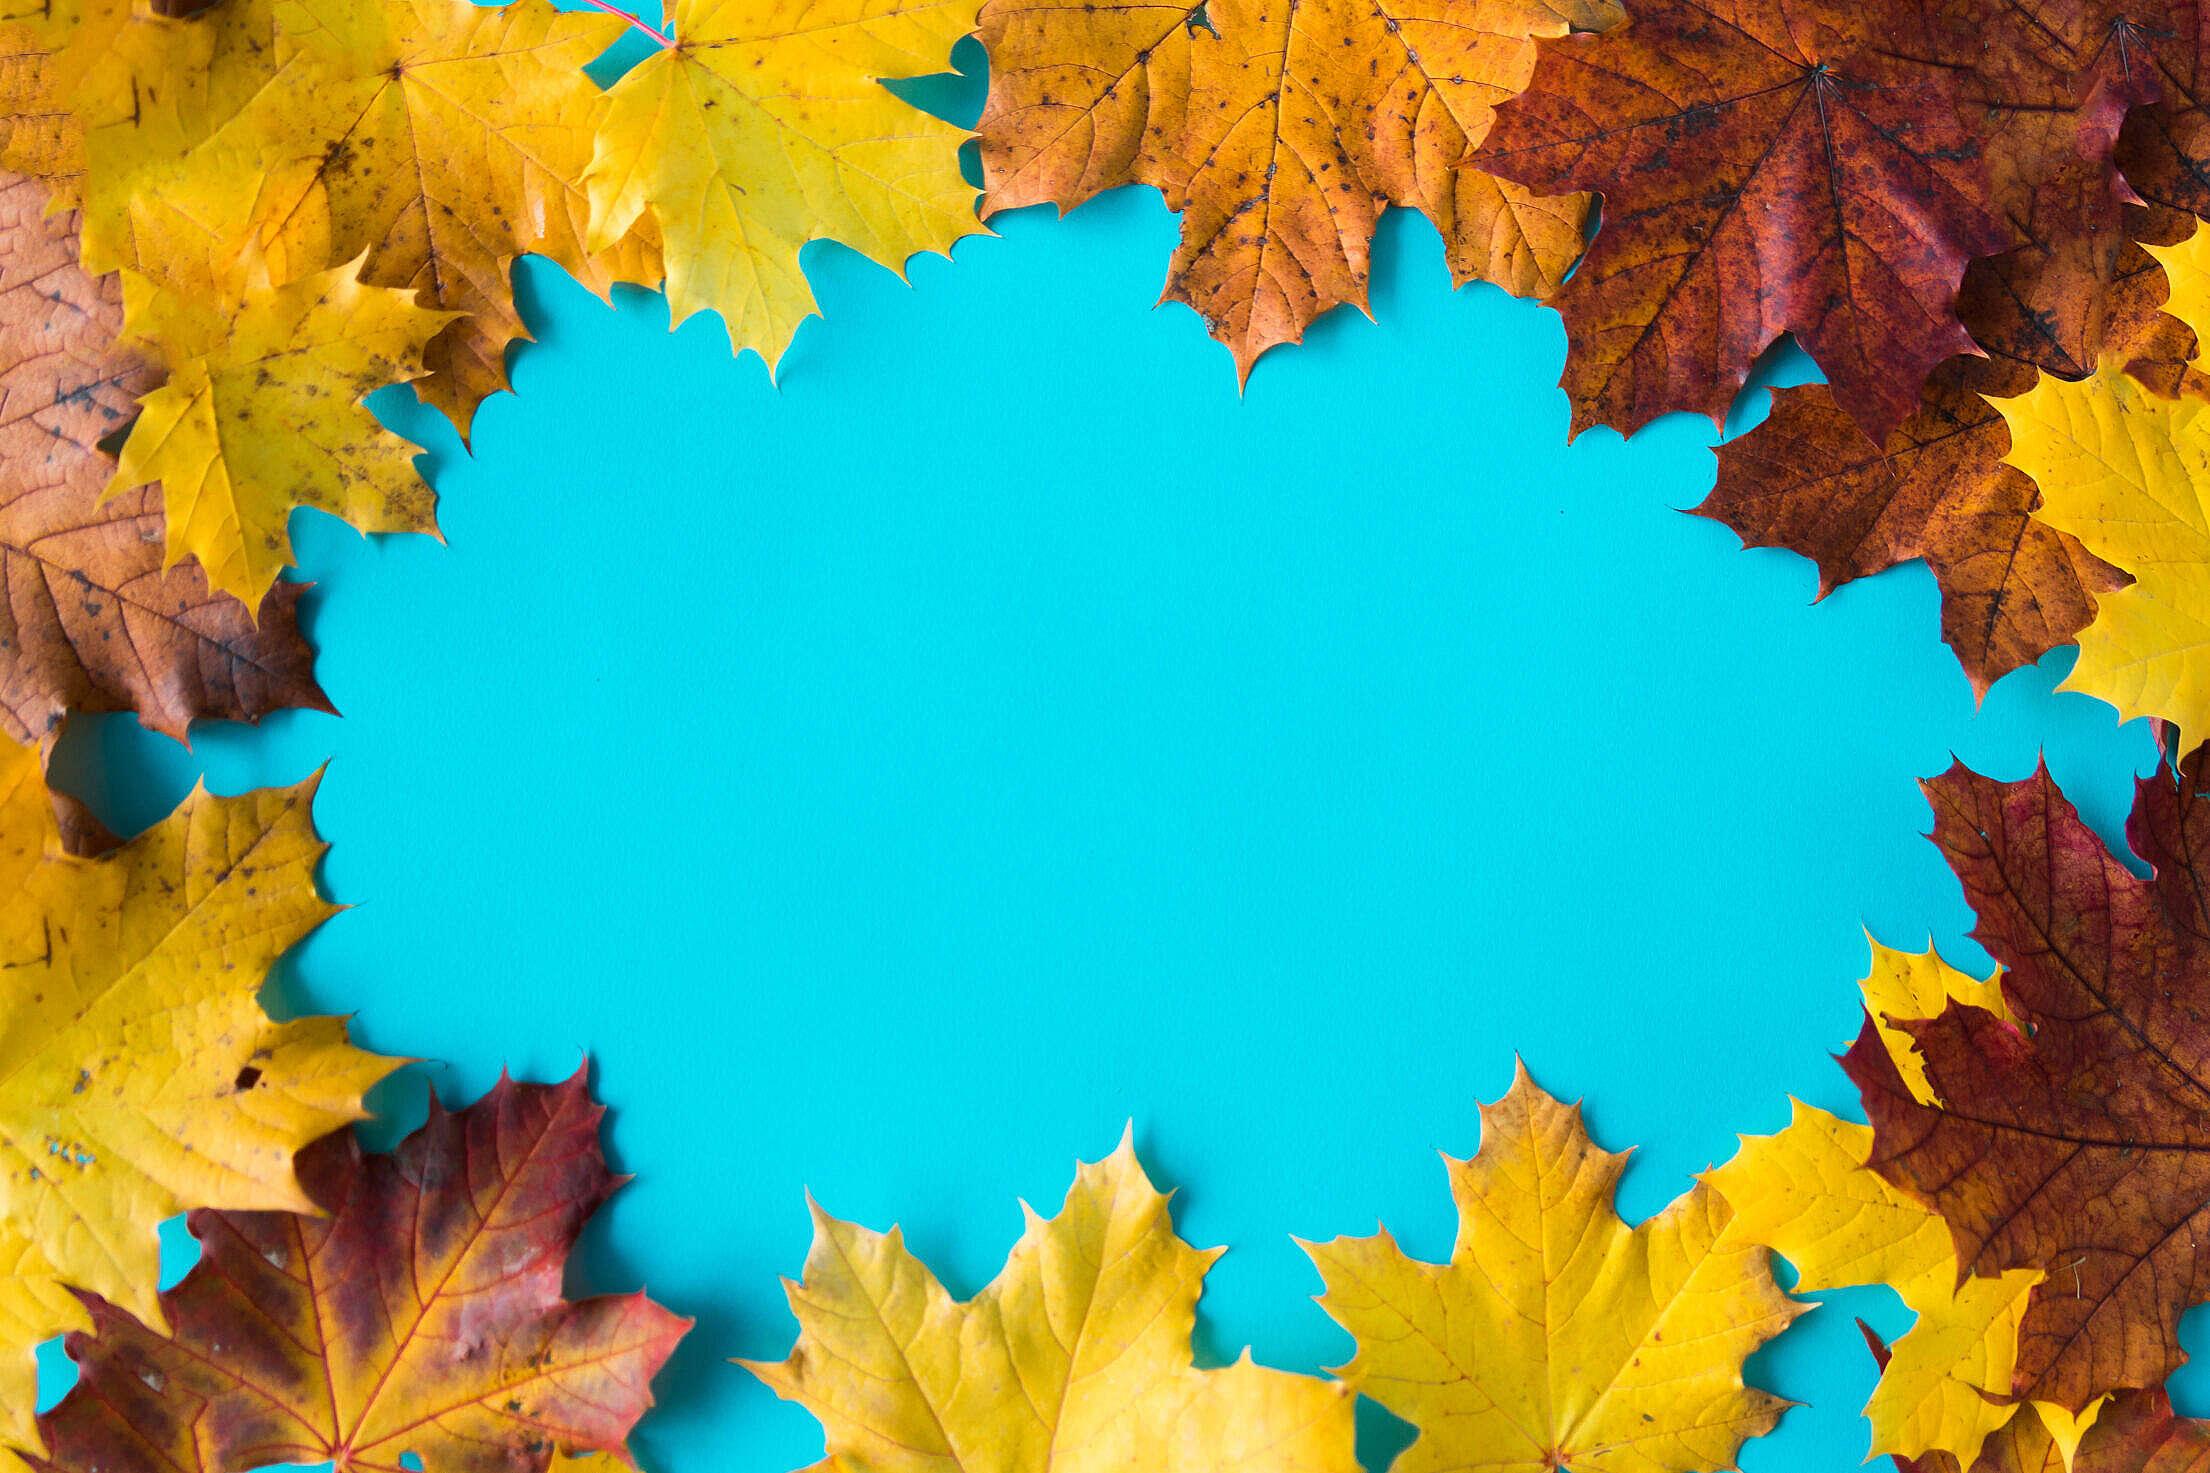 Hero Image Autumn Leaves on Flat Blue Background #2 Free Stock Photo